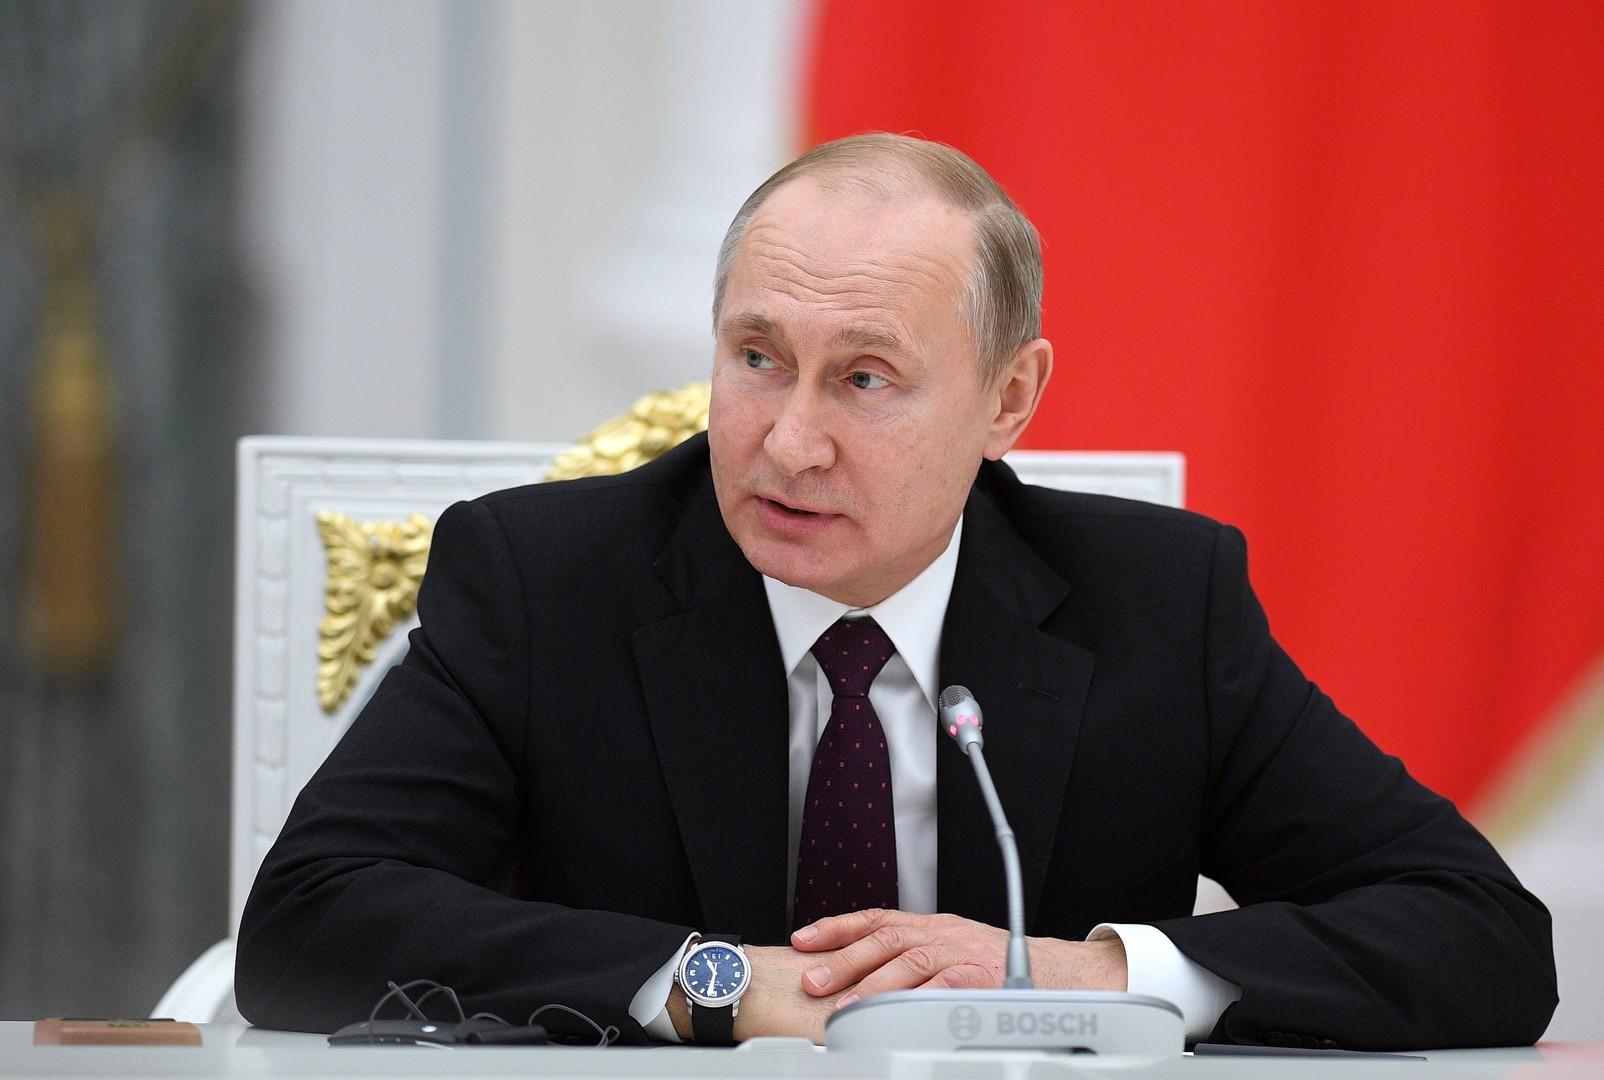 بوتين يعلن حزمة إجراءات لدعم الاسر والشركات